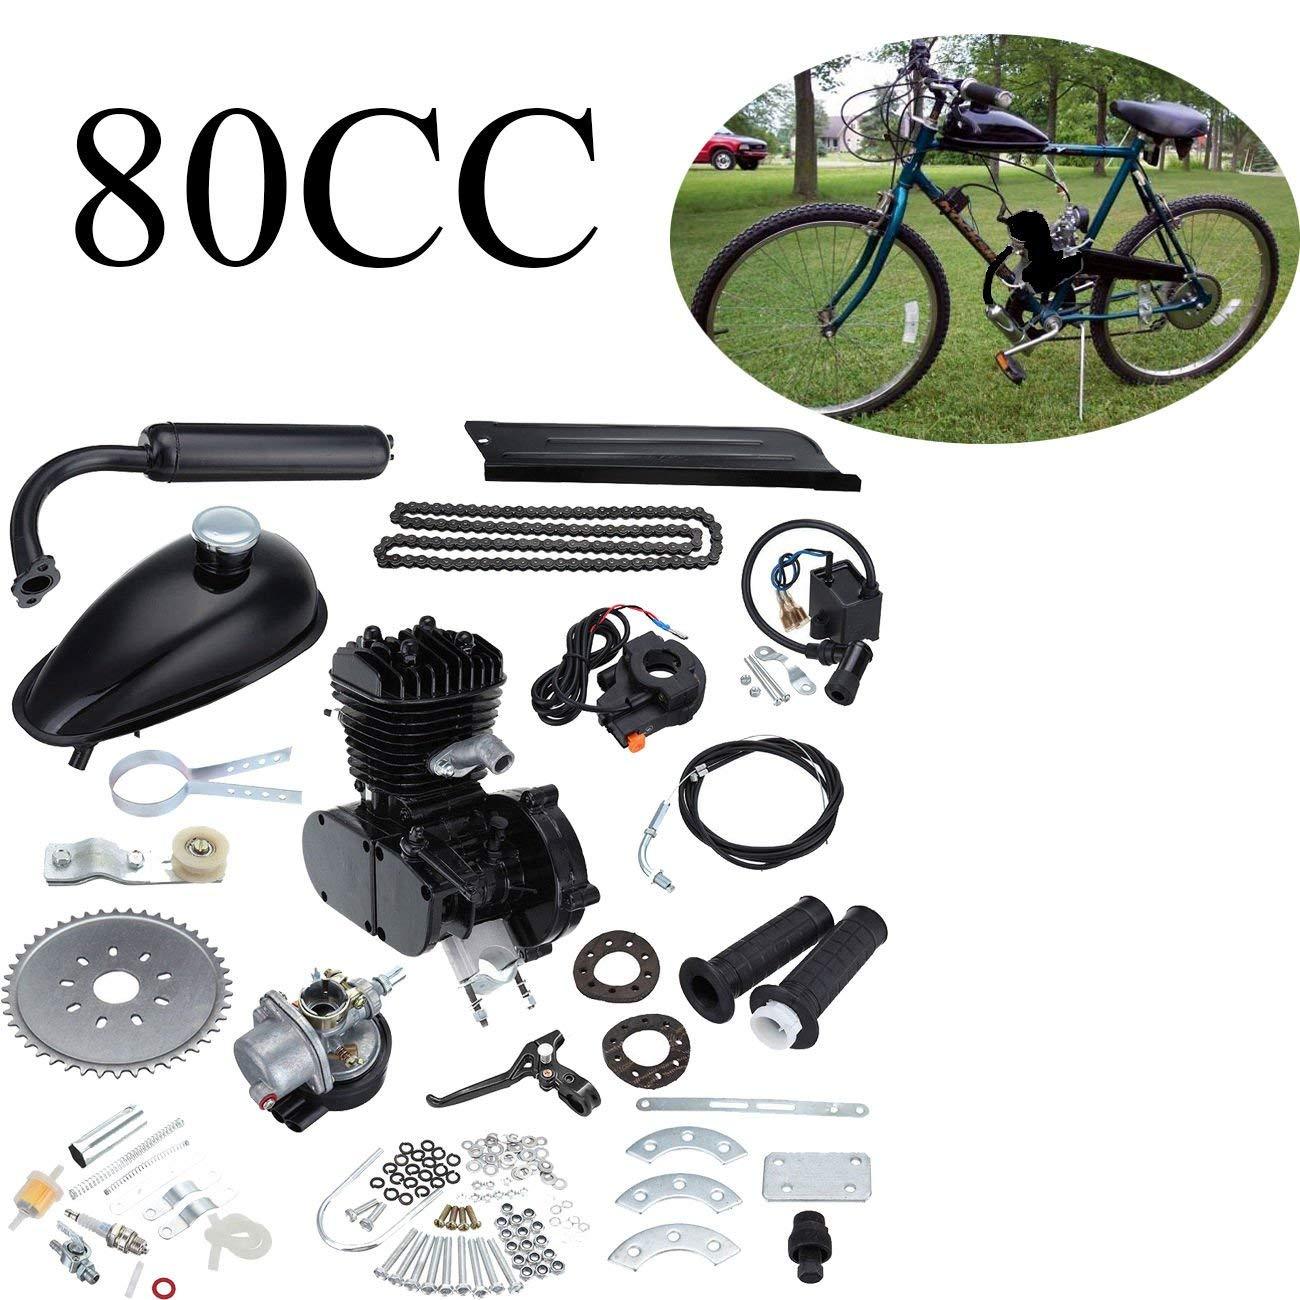 Ambienceo 80cc 2 ciclos de pedaleo Kit de conversión de bicicleta de gasolina para motor de gasolina para bicicleta motorizada negra: Amazon.es: Coche y ...